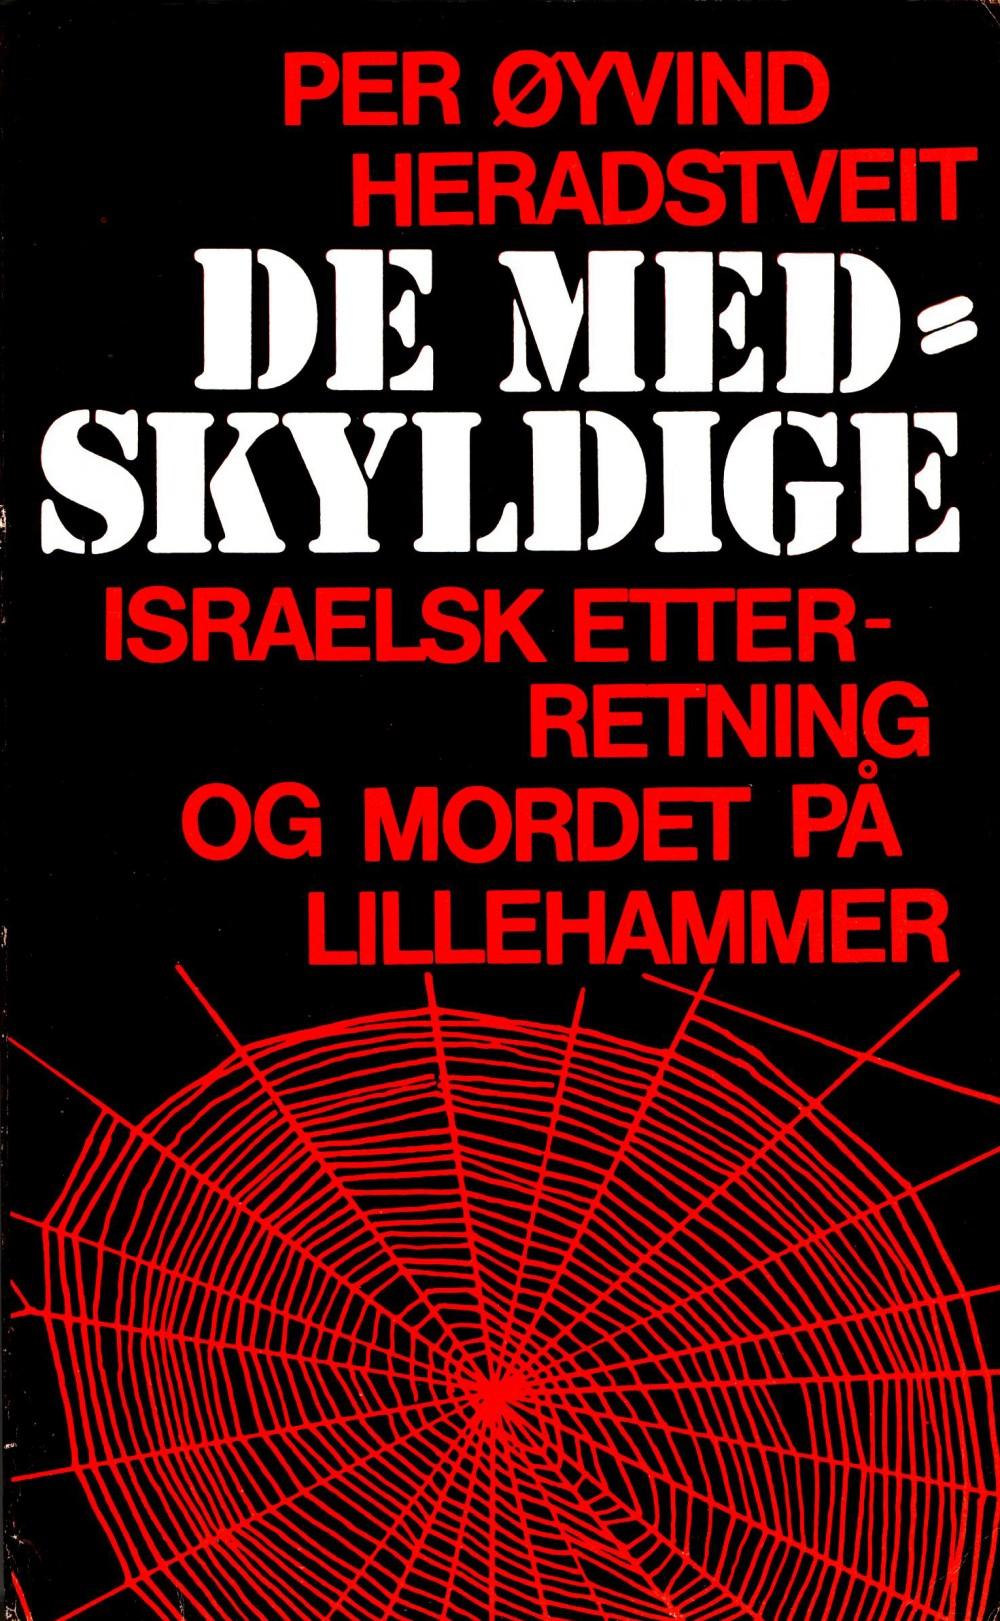 Per Øyvind Heradstveit: De medskyldige - Israelsk etterretning og mordet på Lillehammer